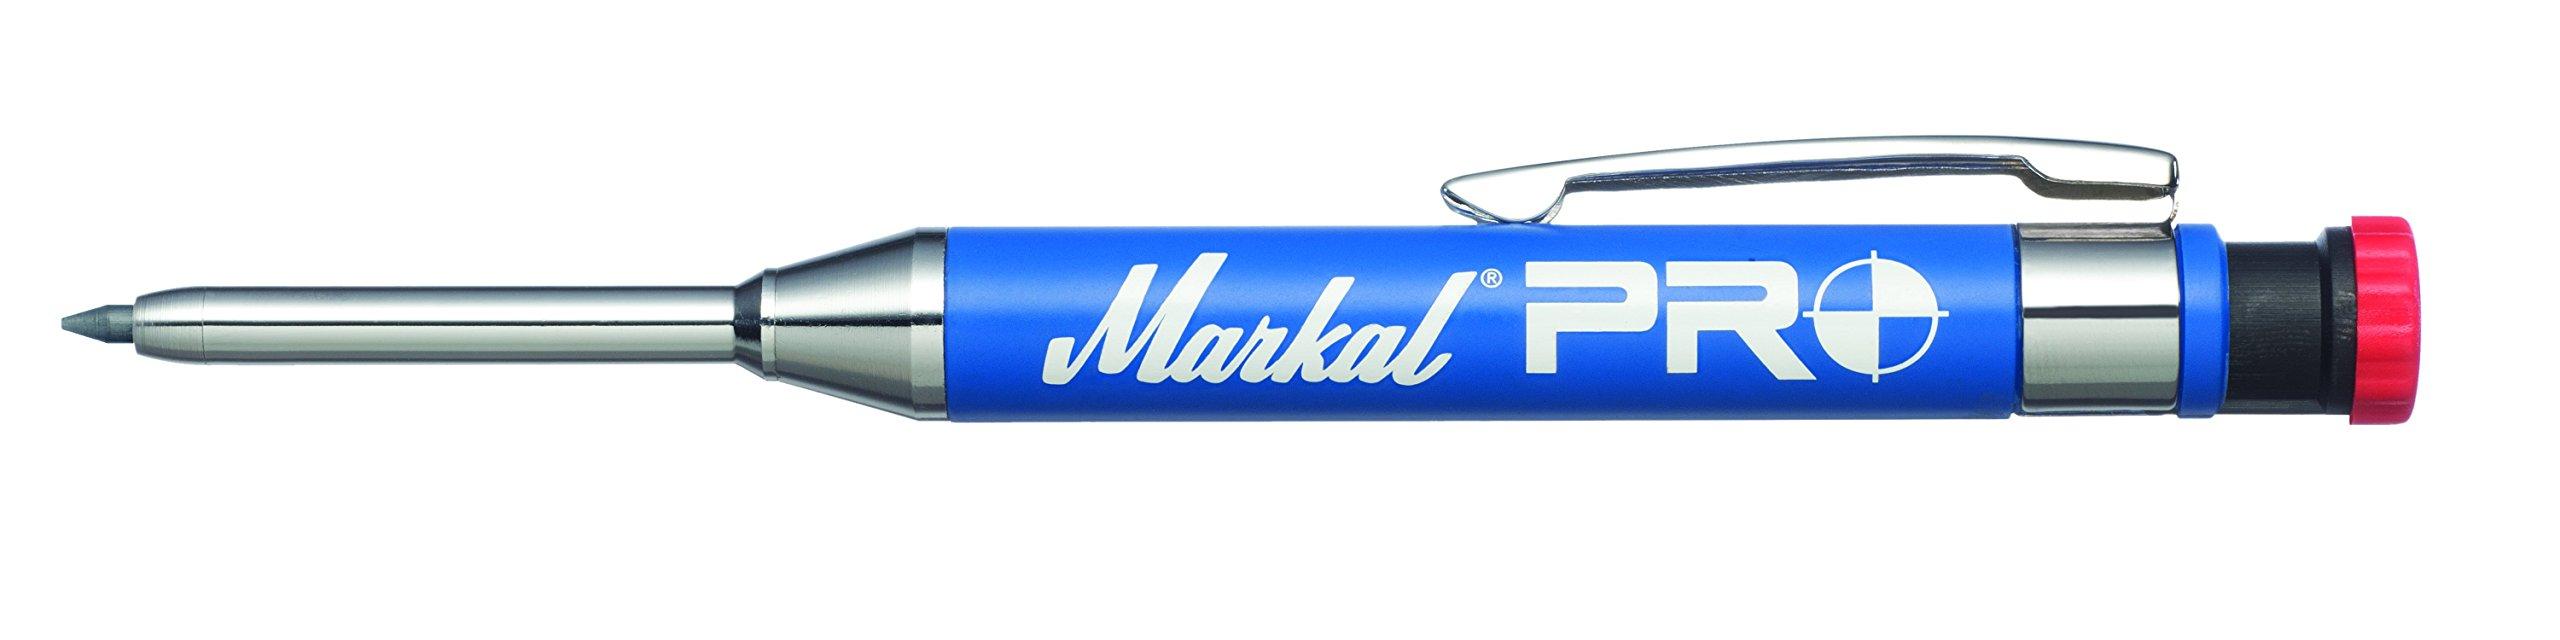 Markal 96270 Pro Holder & Starter Lead, Blue by Markal